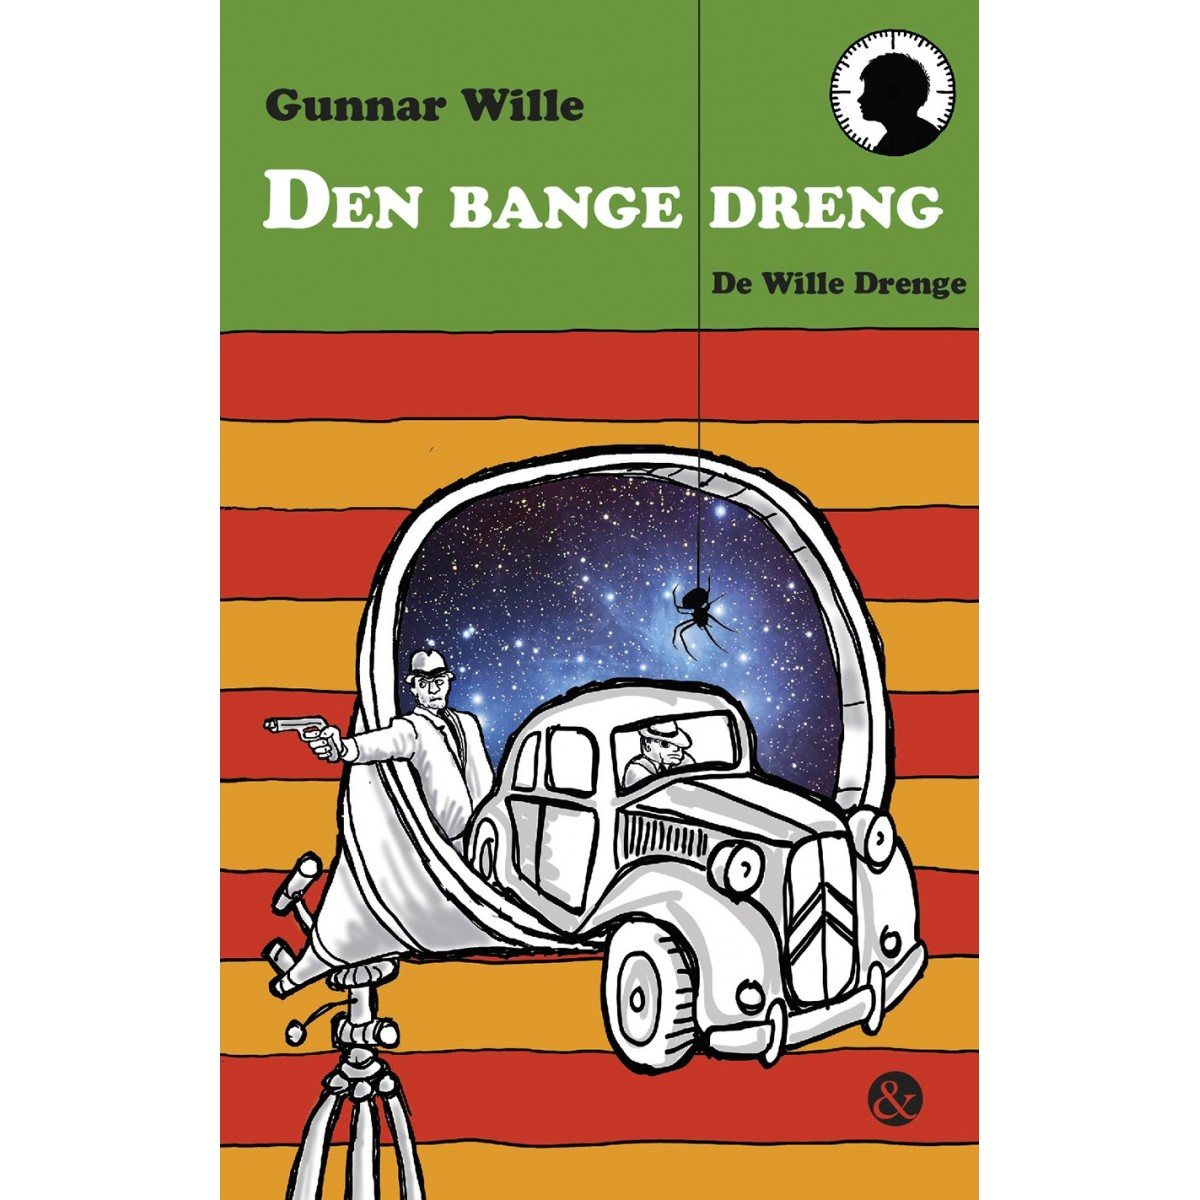 Gunnar Wille: Den bange dreng